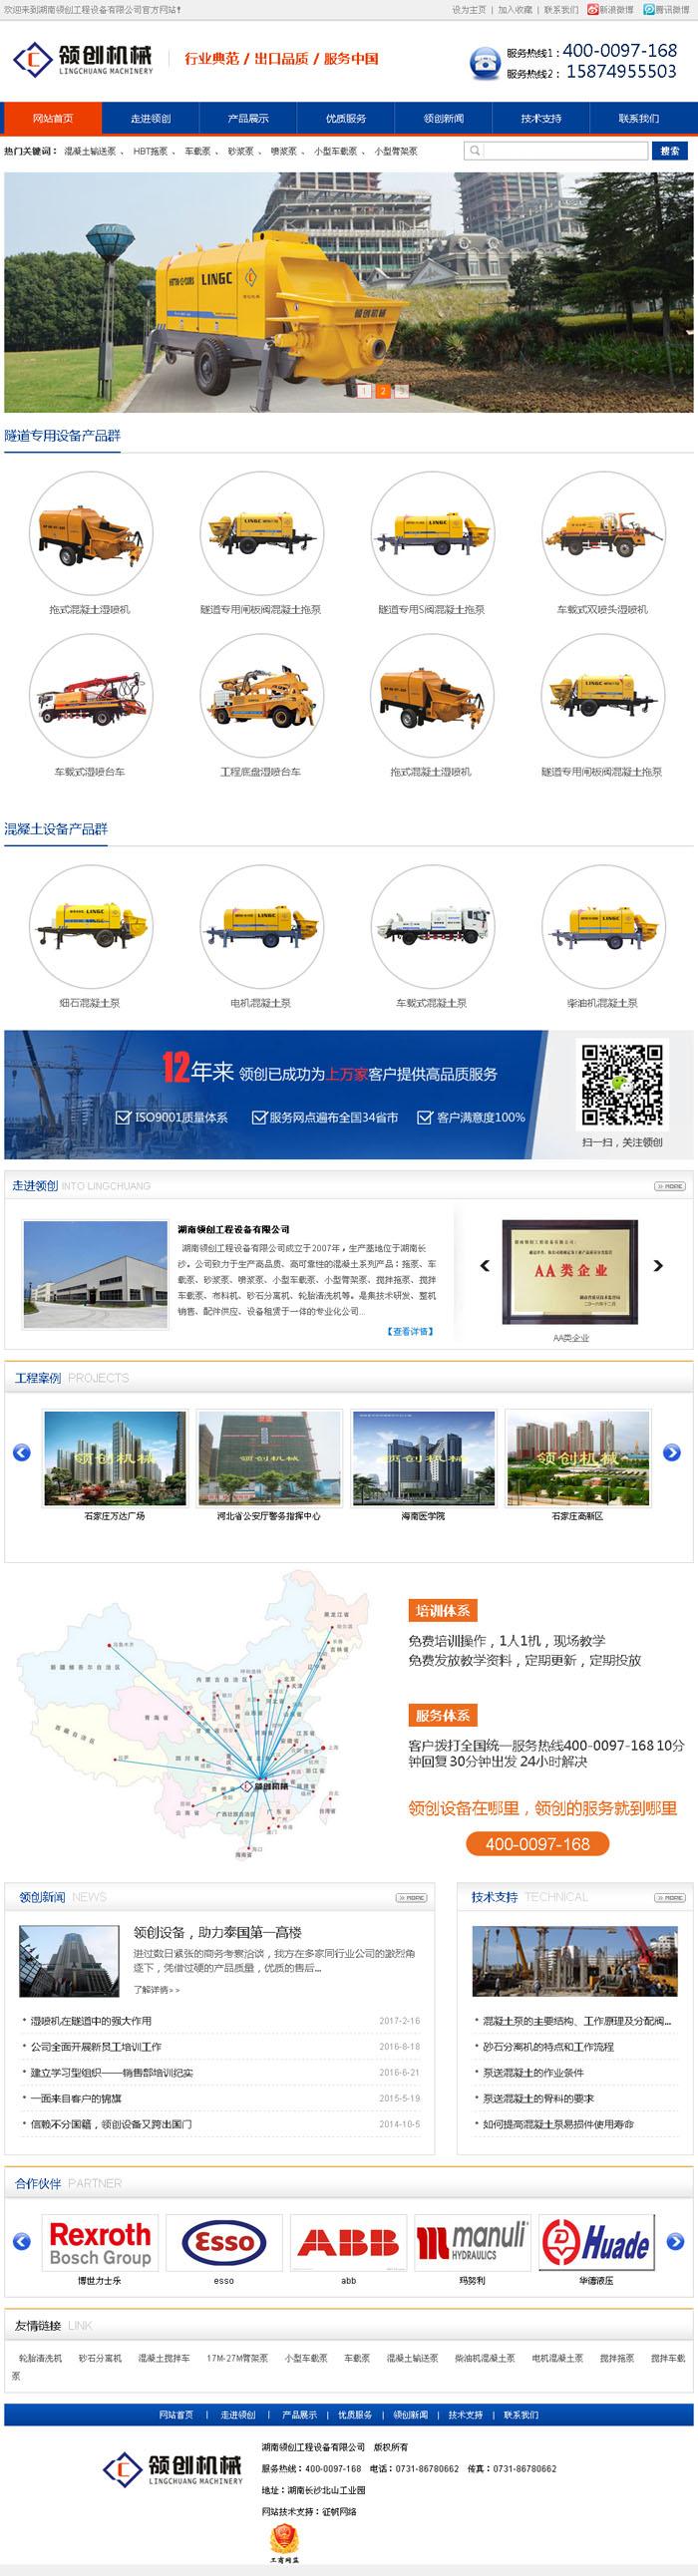 湖南领创工程设备有限公司网站效果图